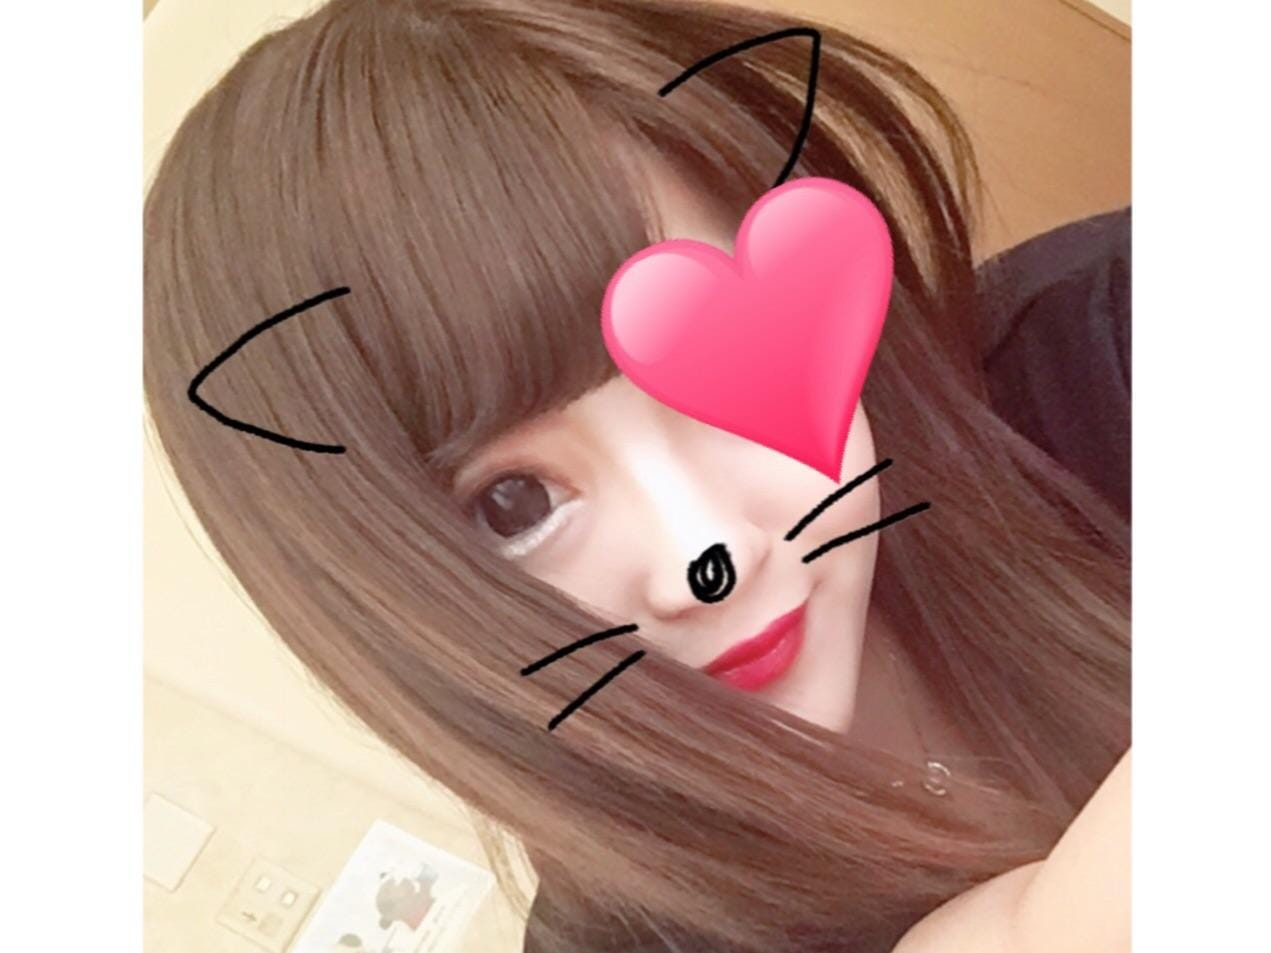 「お題?」10/19(金) 01:32 | アユの写メ・風俗動画